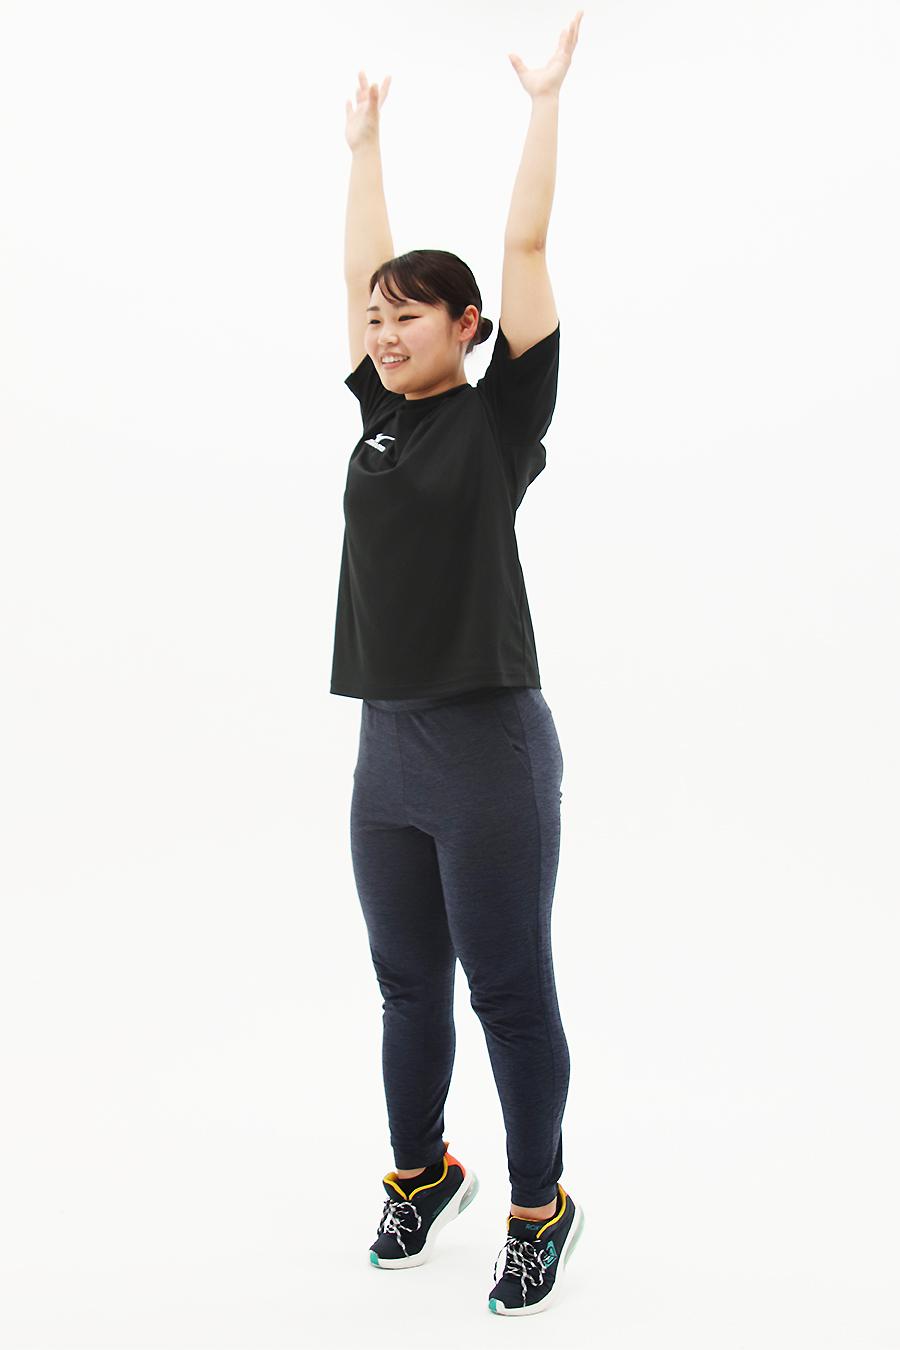 手を上に持ち上げて全身を伸ばしながら、かかとを上げ、手を下げると同時に、かかとも下ろします